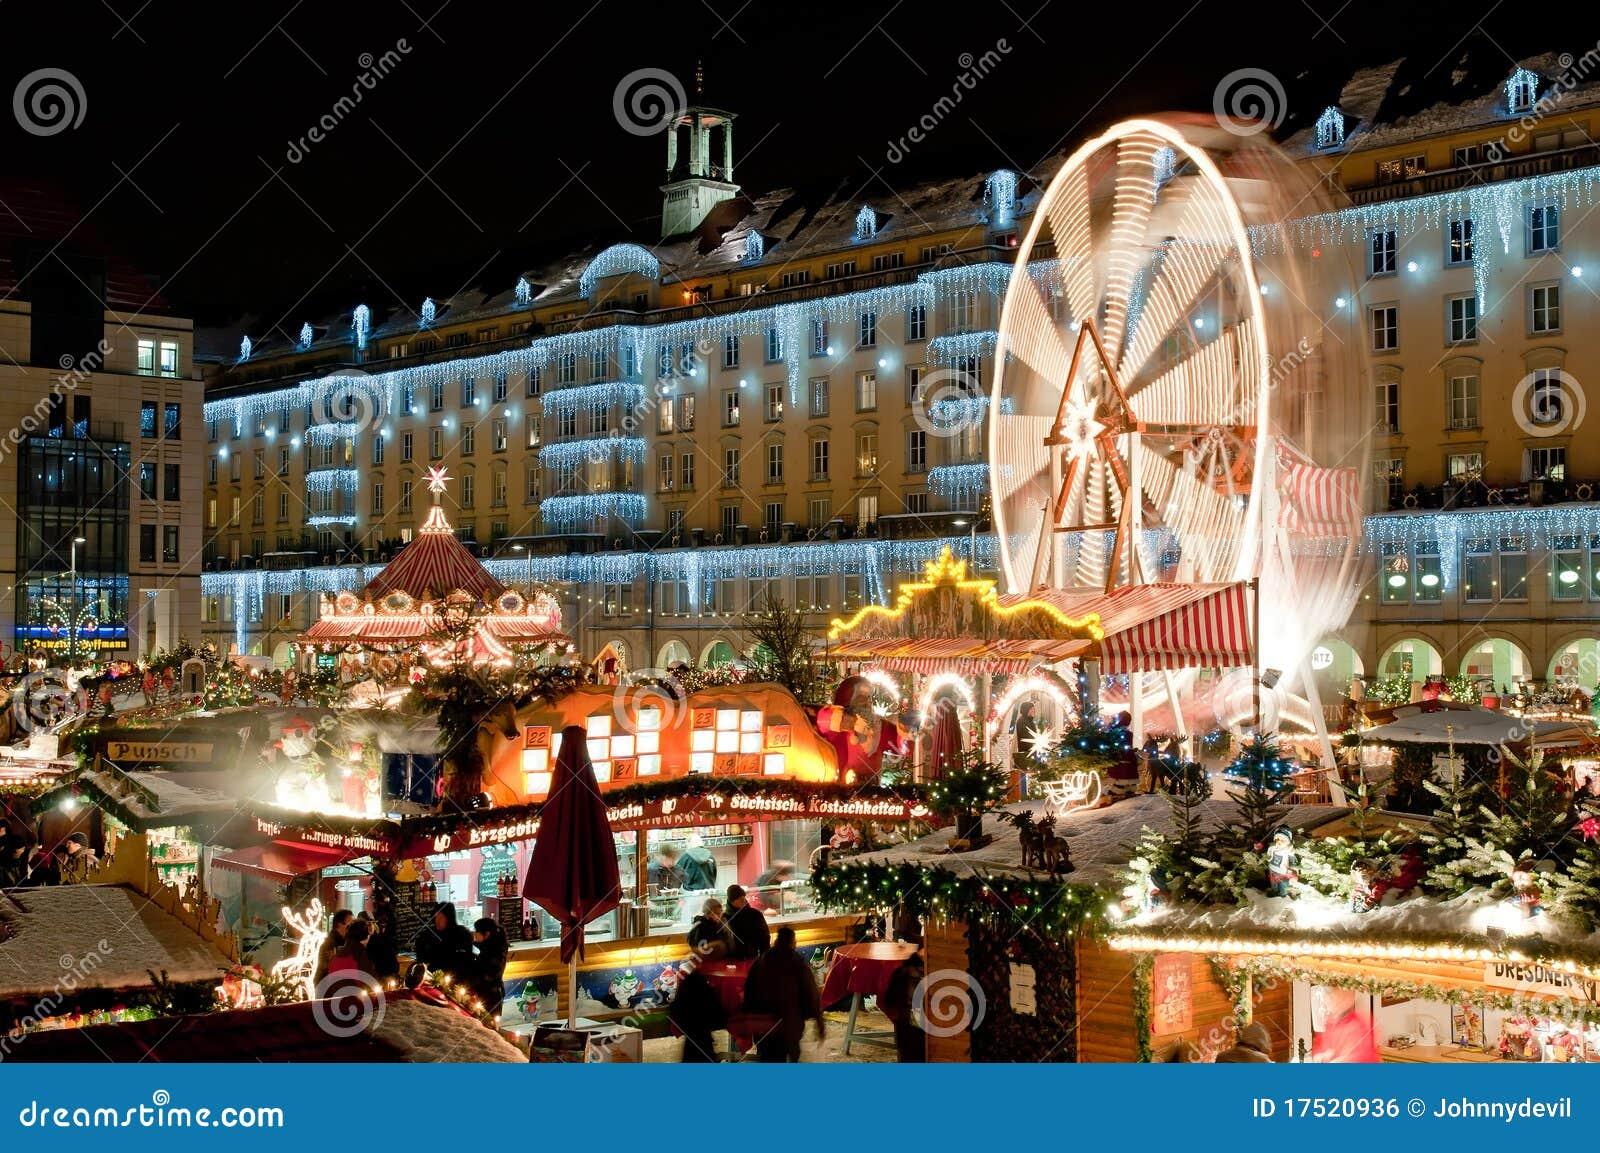 Marché de Noël à Dresde